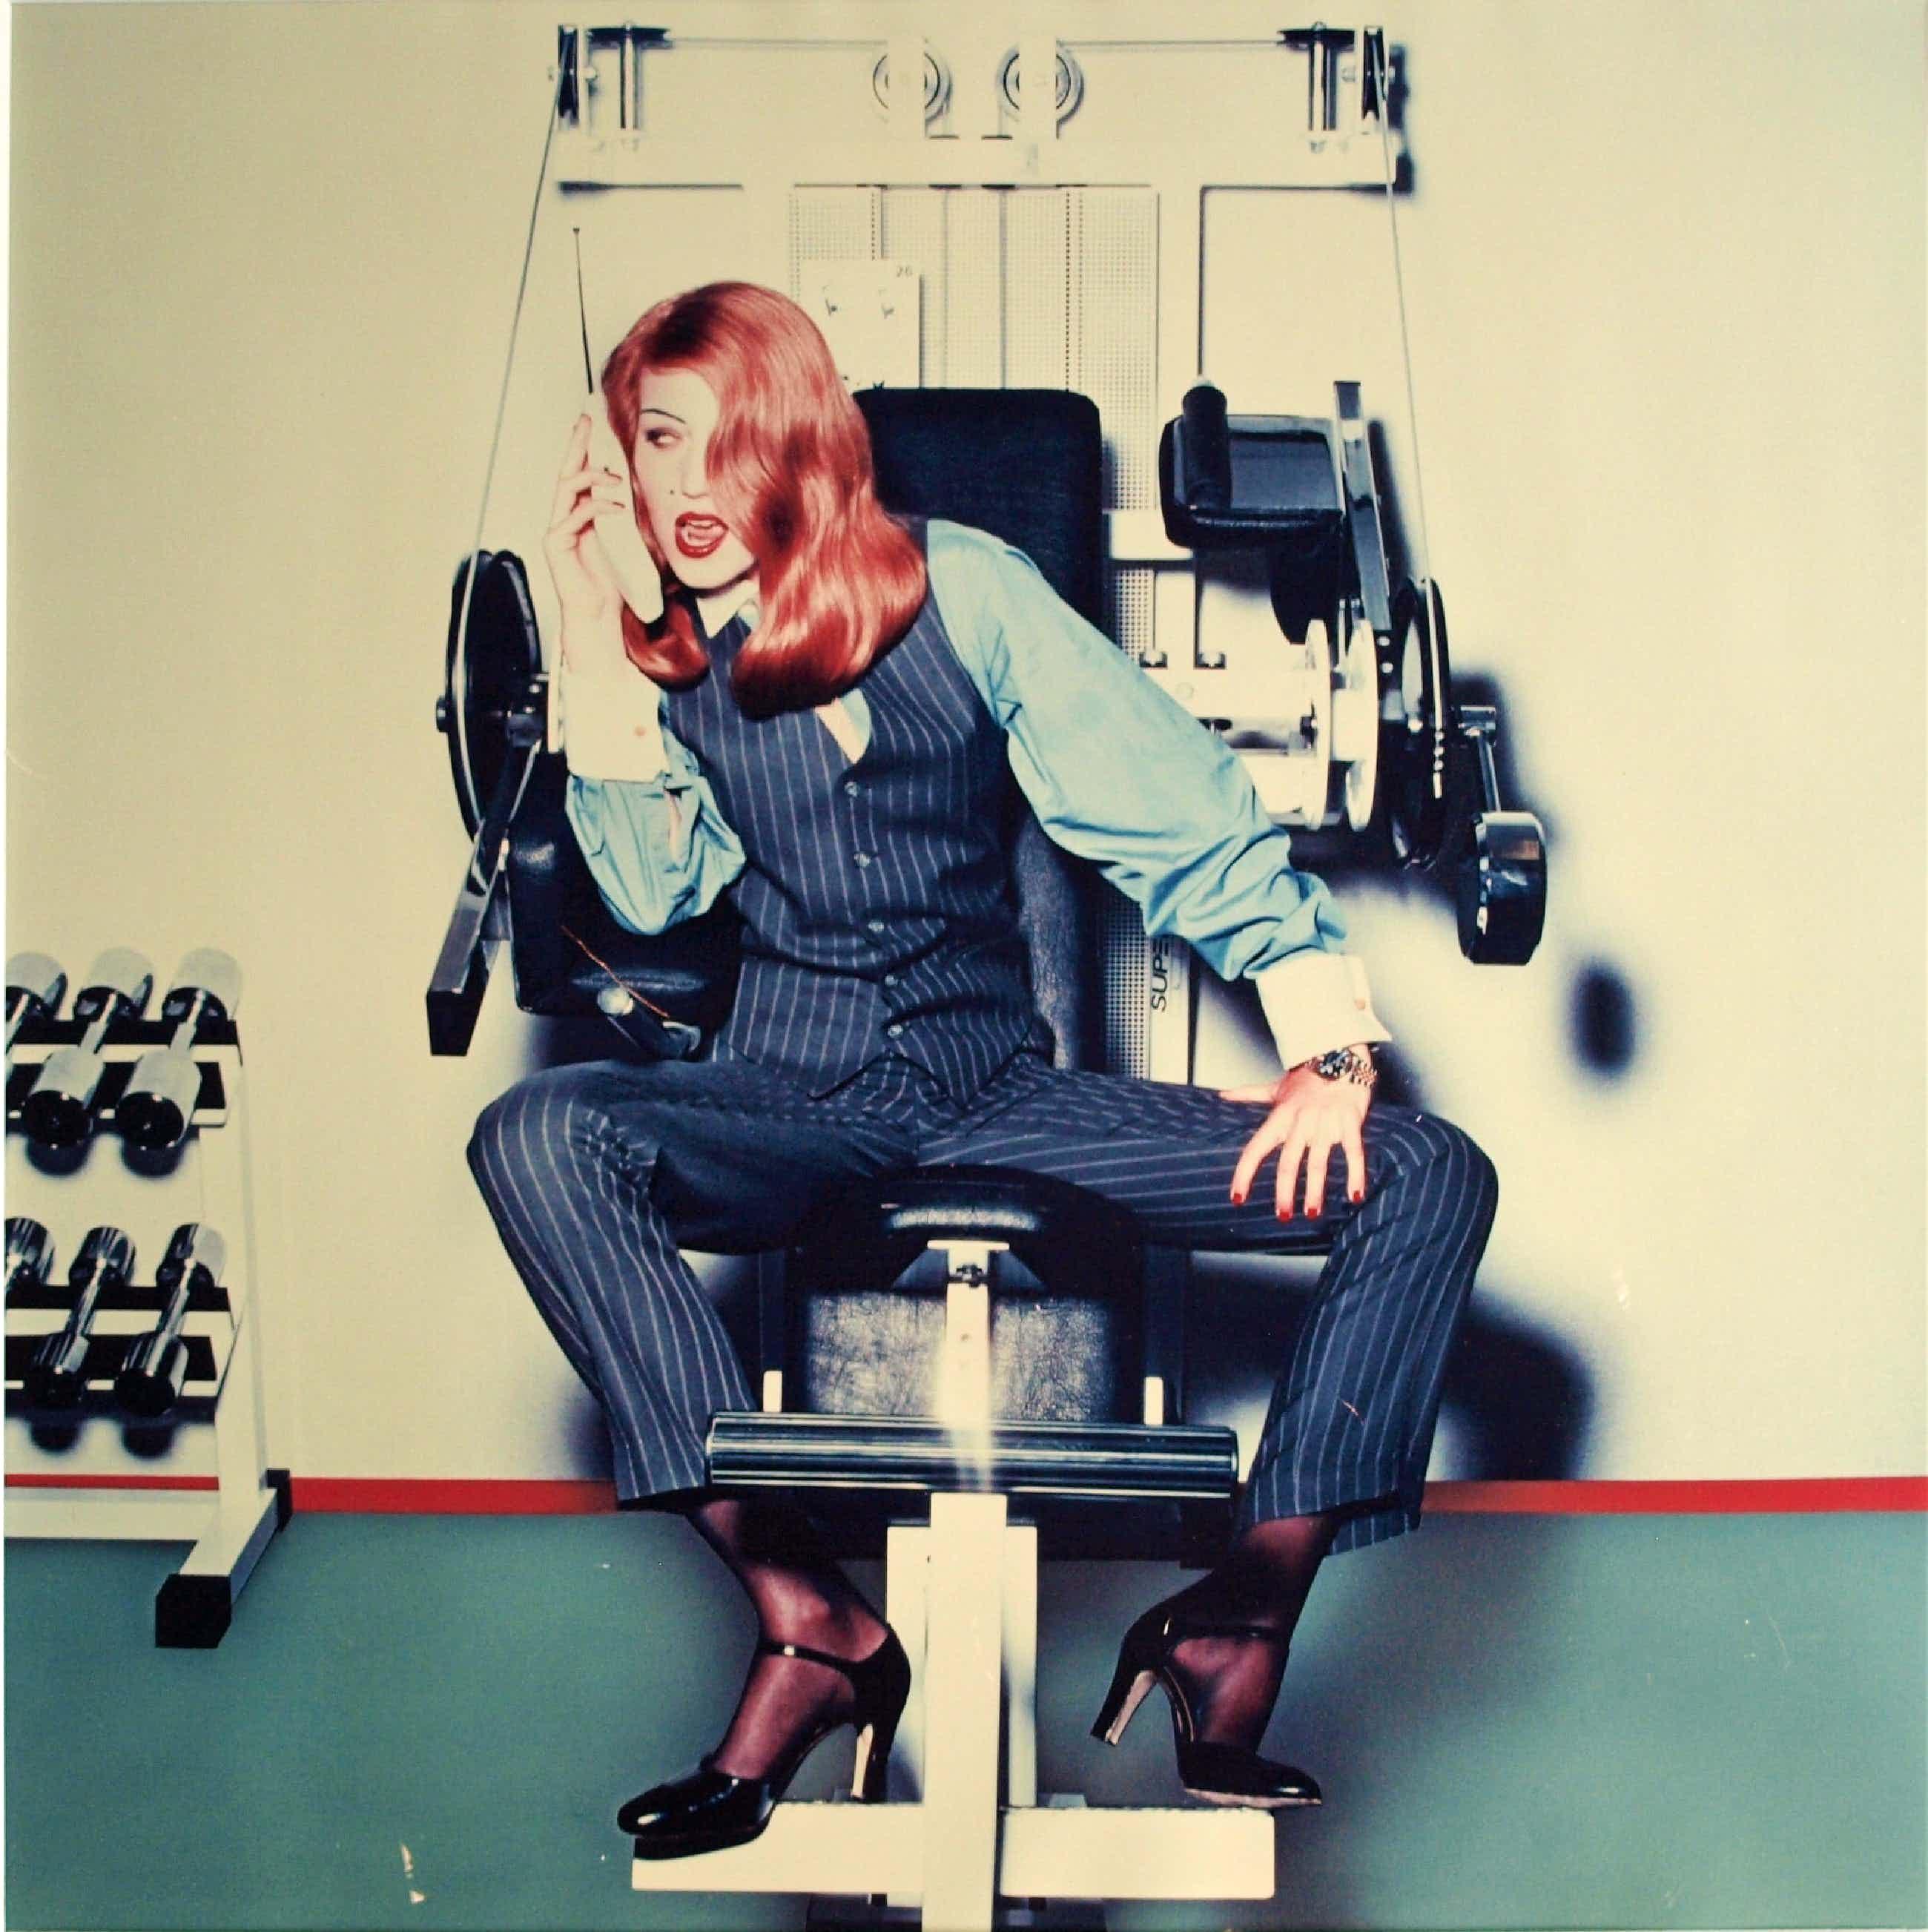 Inez van Lamsweerde - Ingelijste foto 'At Work' uit de Randstad-collectie + boek - 1991 kopen? Bied vanaf 480!